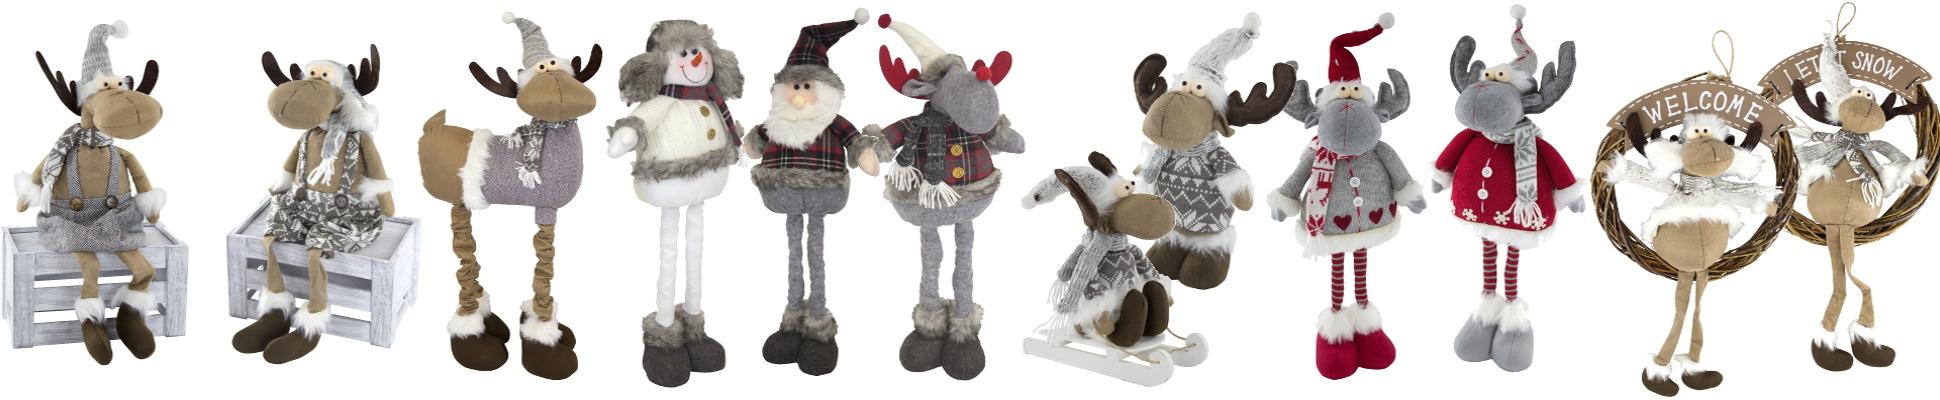 Weihnachtliche Deko Figuren aus Stoff